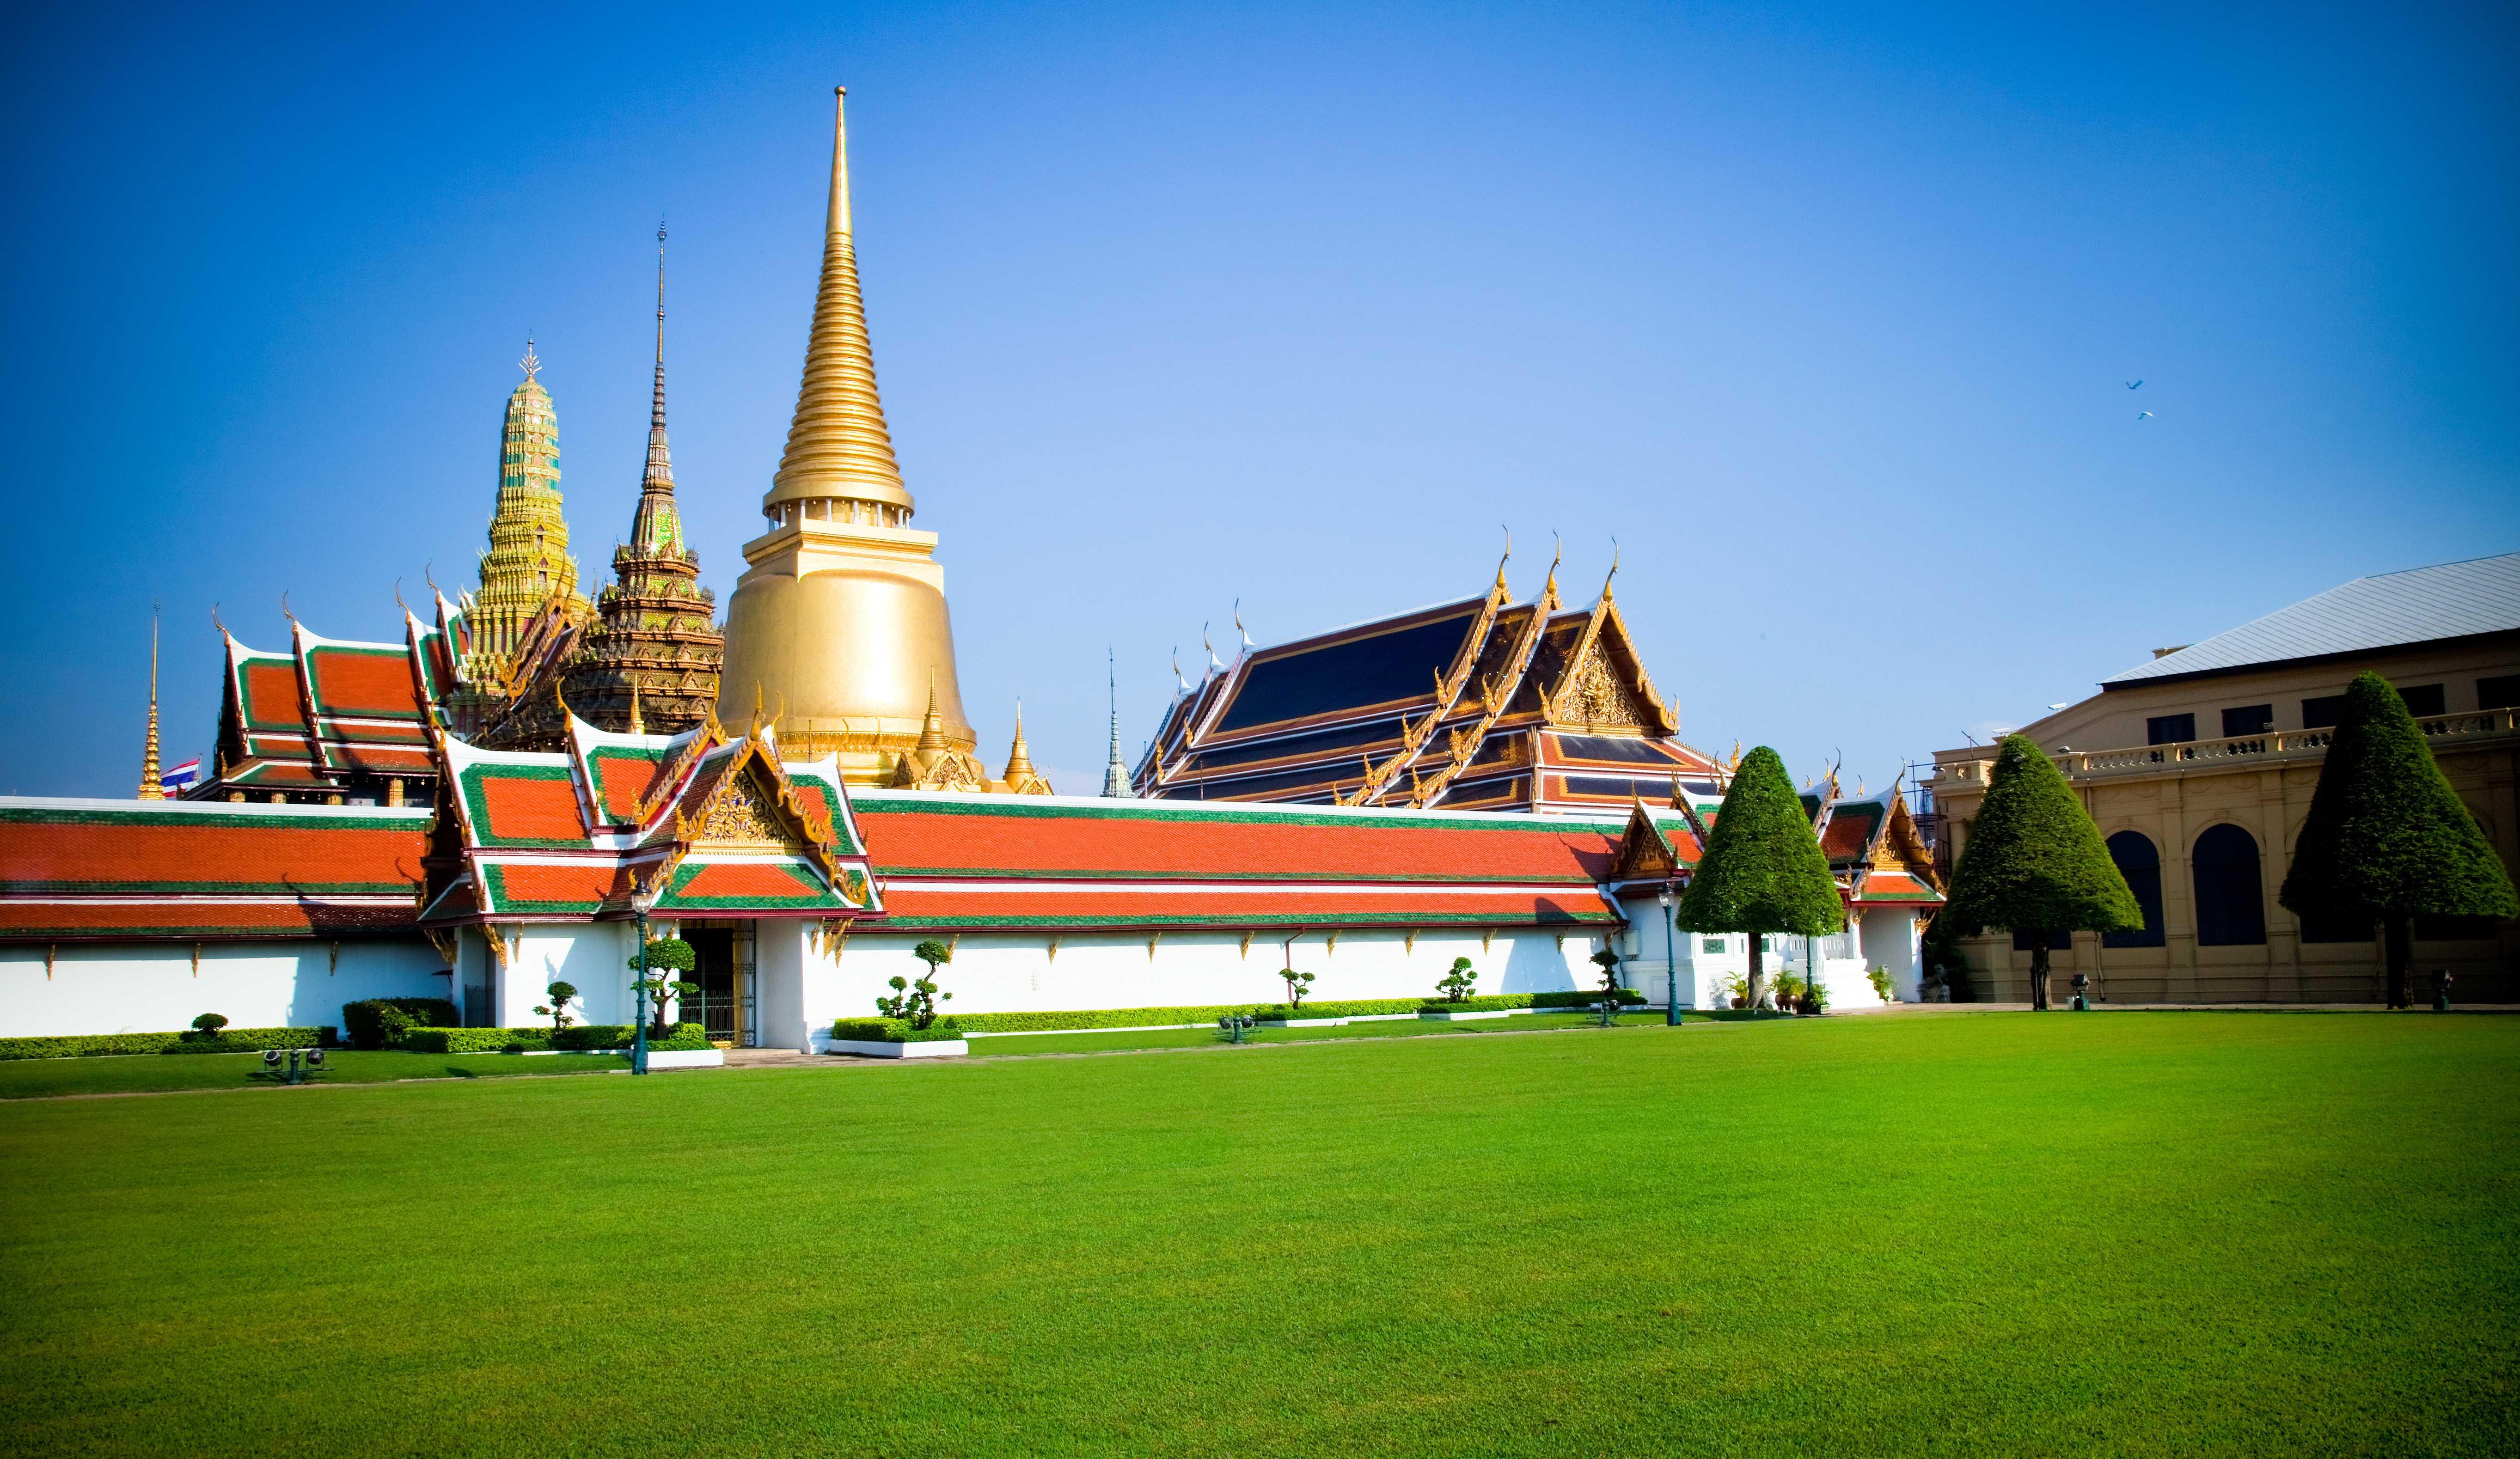 【大城小爱】泰国一地5晚7日跟团游<曼谷,芭堤雅,金沙岛,豪华自助餐 A14>